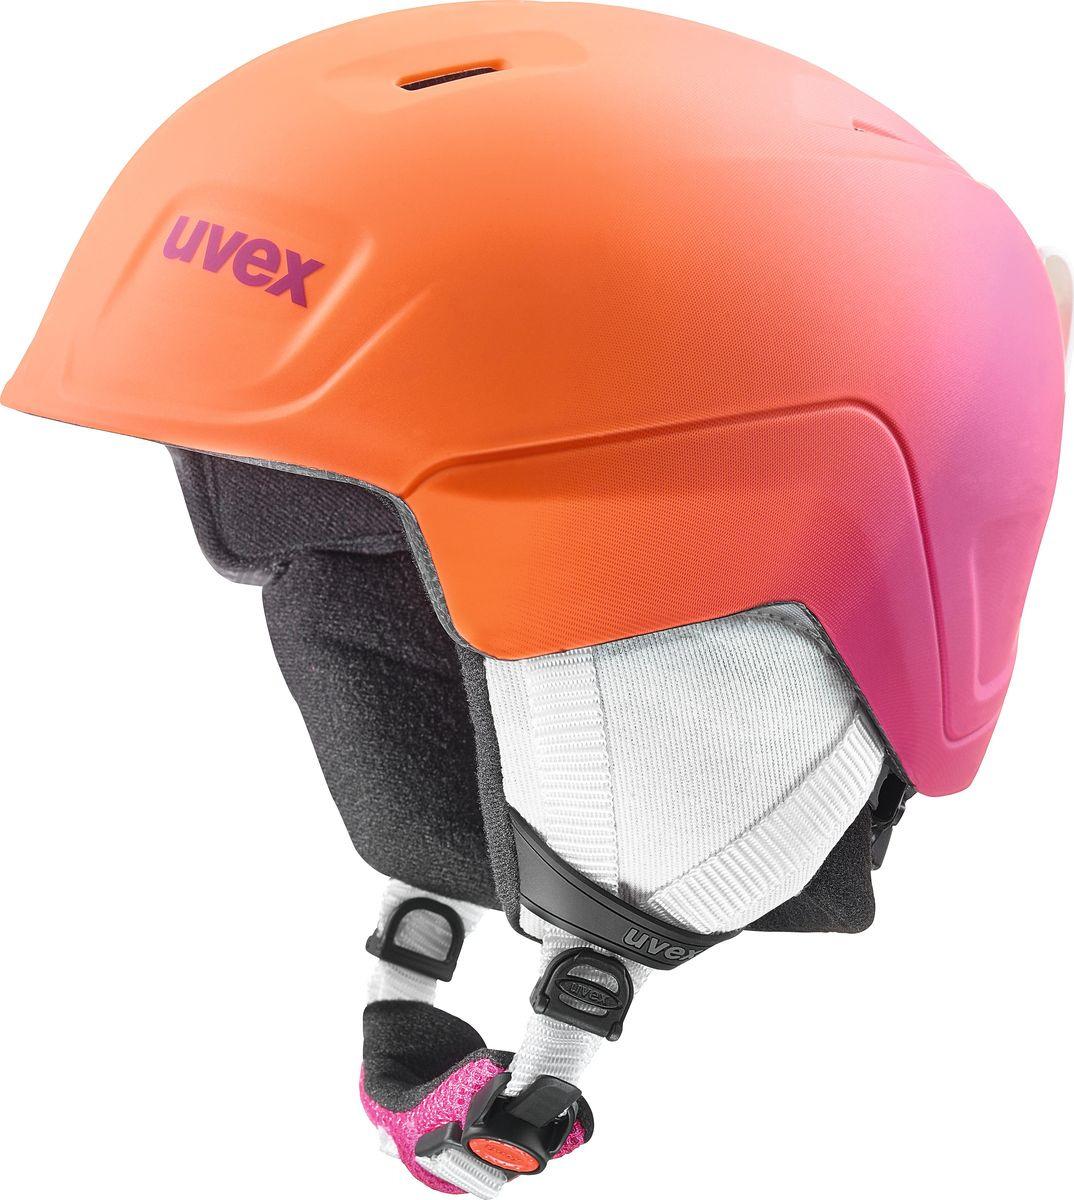 Шлем горнолыжный для девочки Uvex Manic Pro Kid's Helmet, 6224-98, розовый, оранжевый. Размер 46/50 kivat шлем розовый